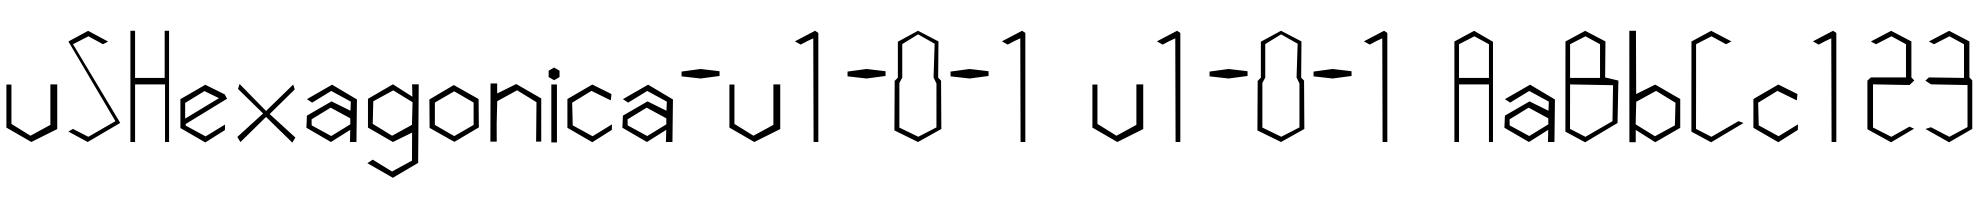 vSHexagonica-V1-0-1